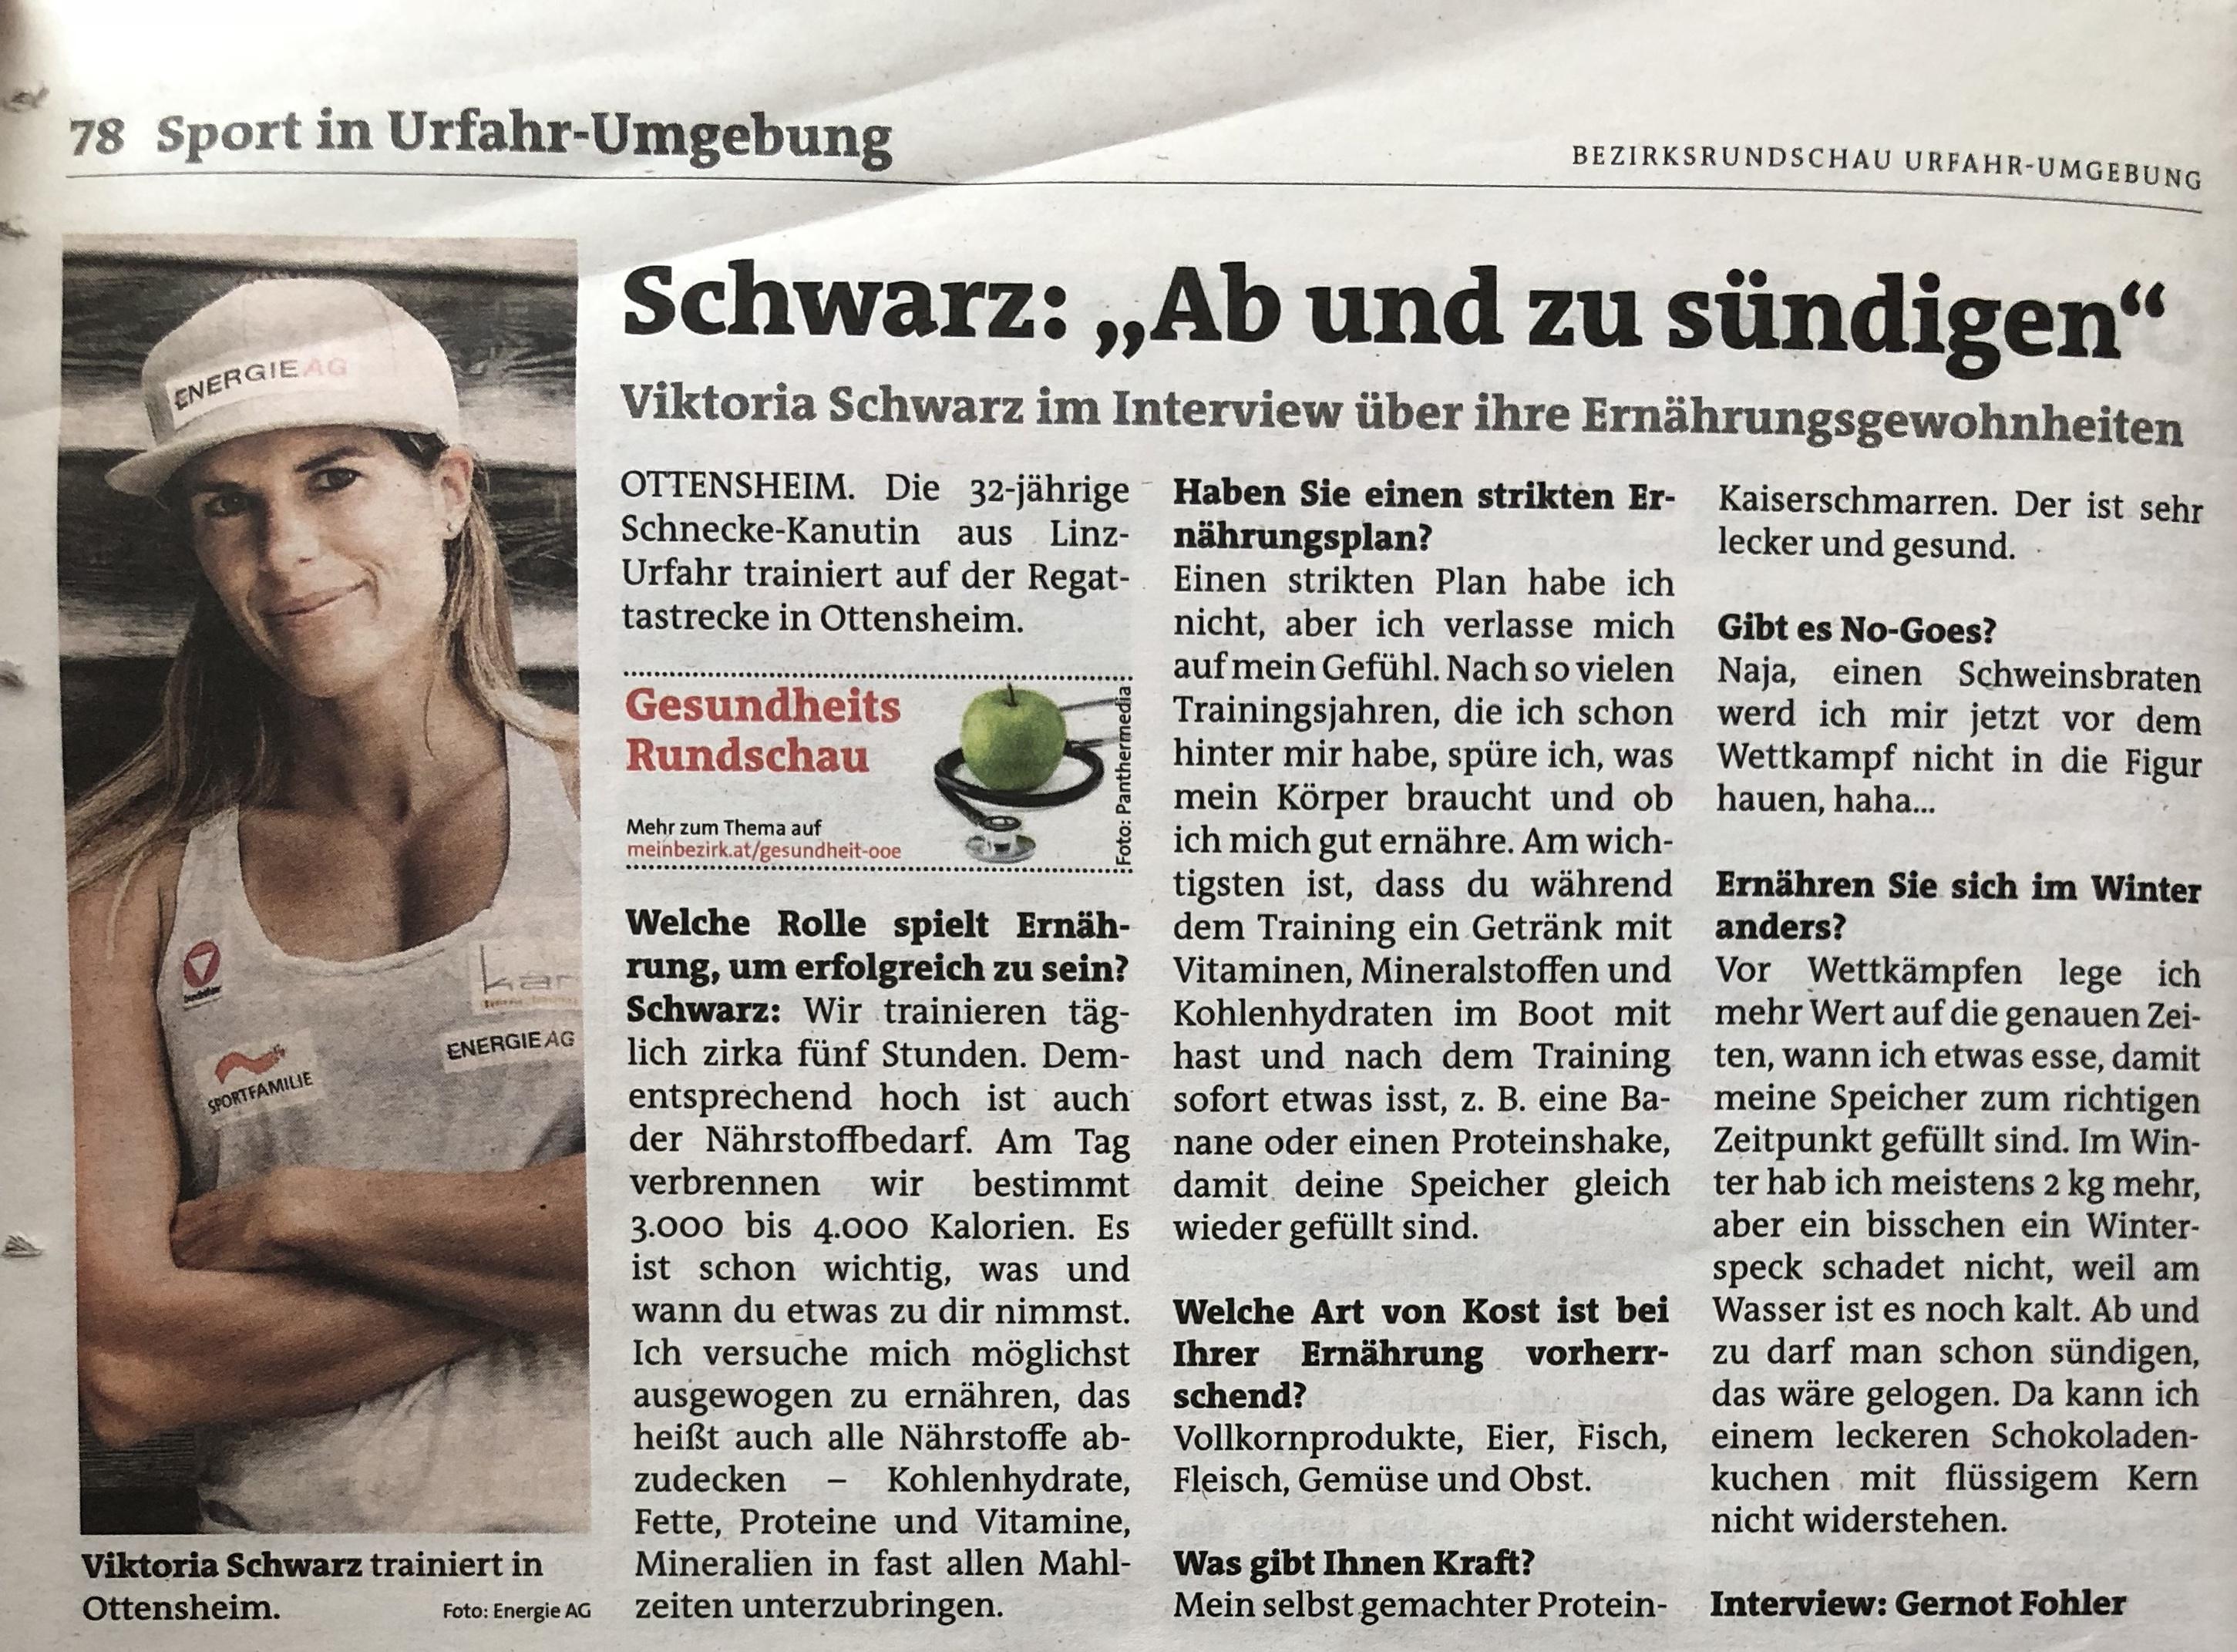 Schwarz: